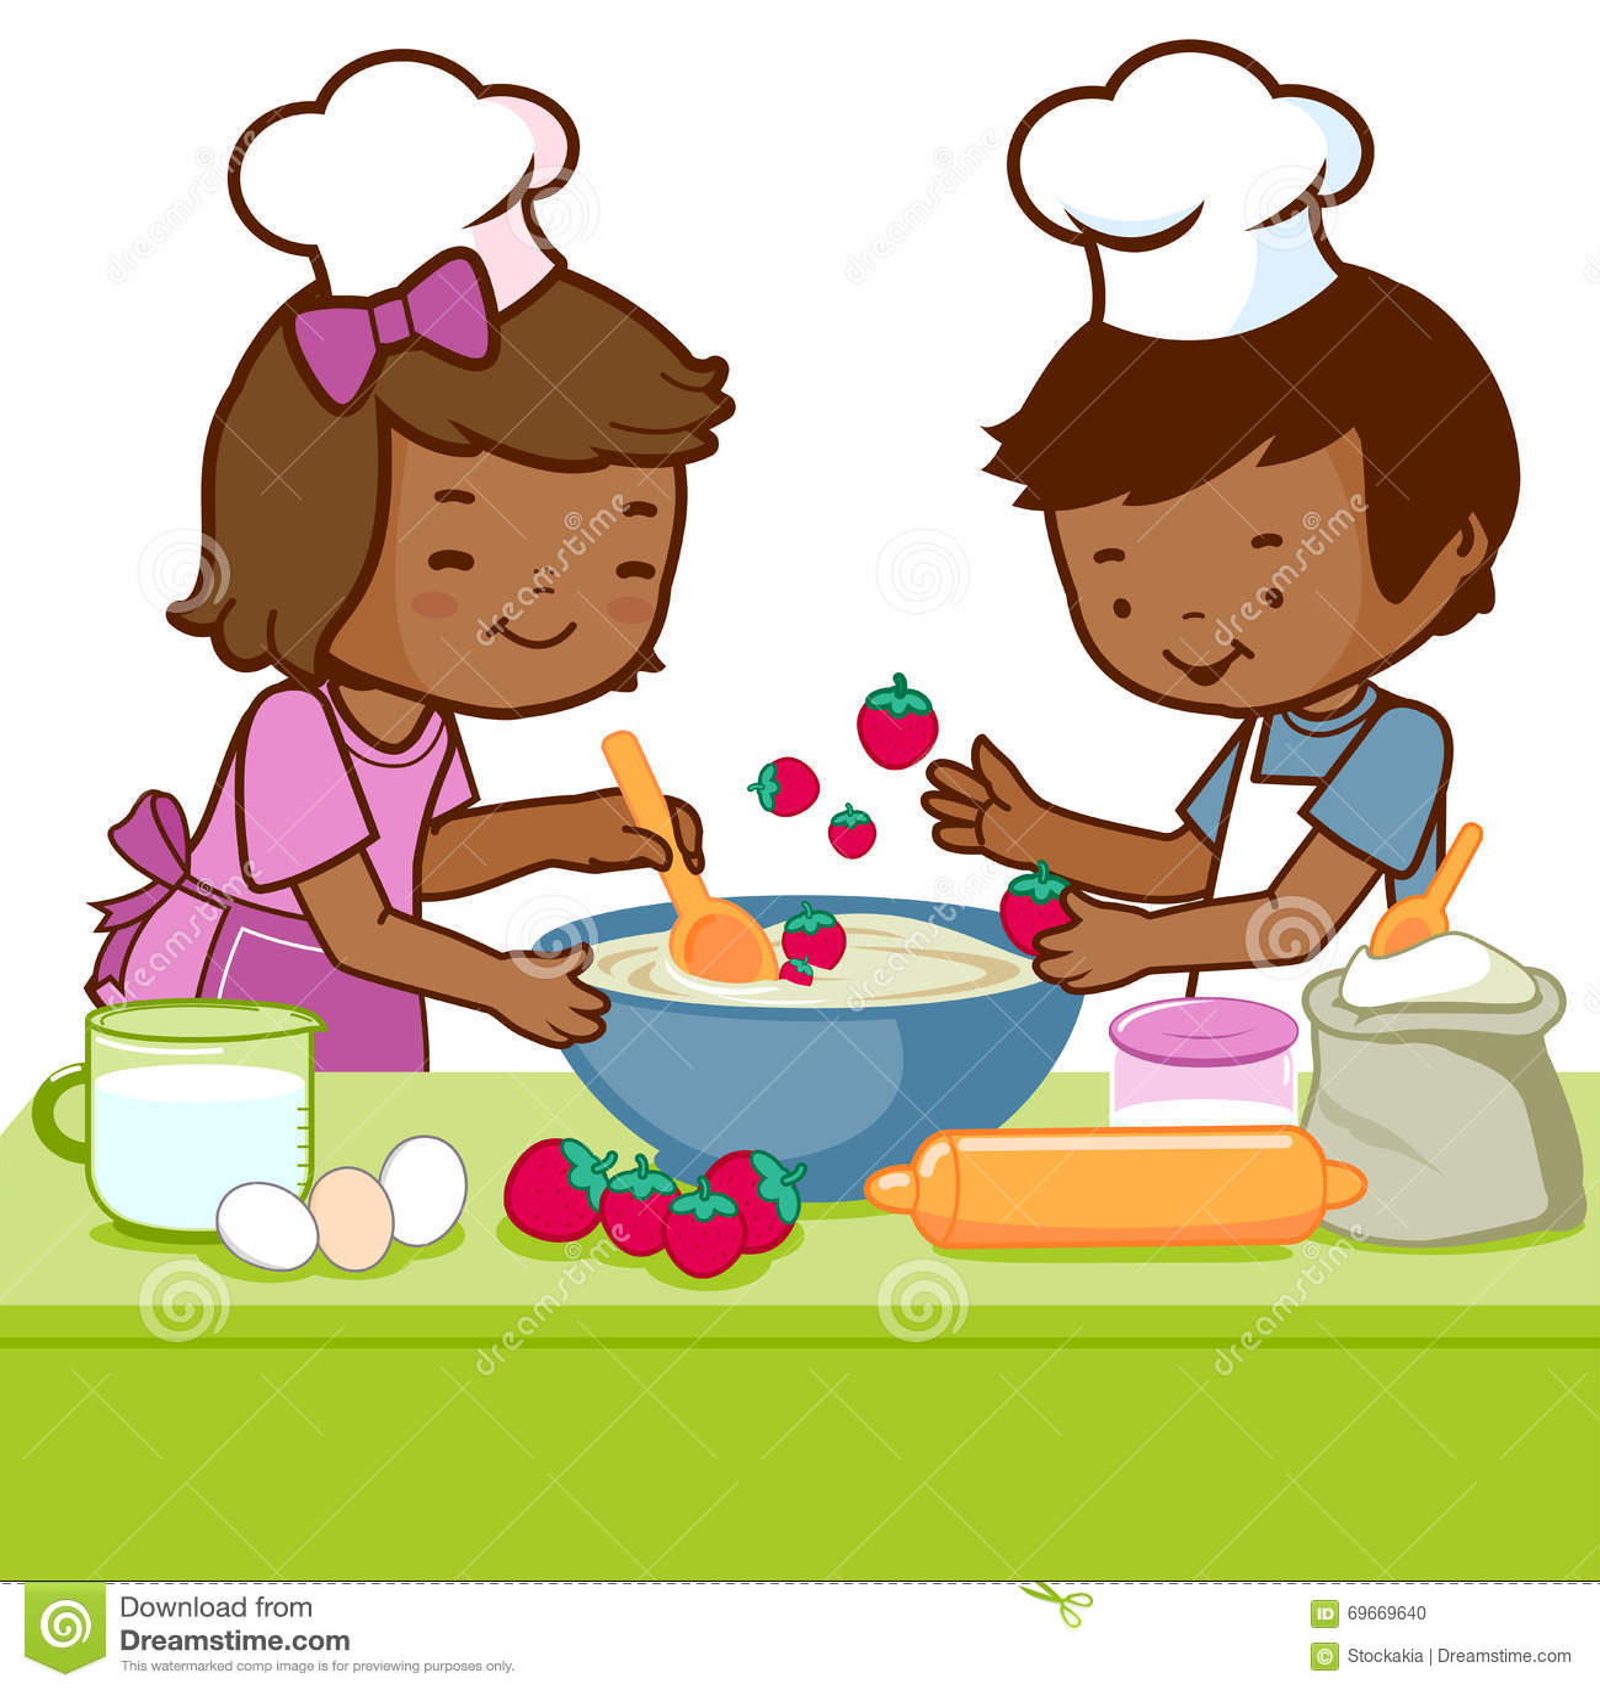 Kitchen Center Clip Art: Children Cooking In The Kitchen Stock Vector